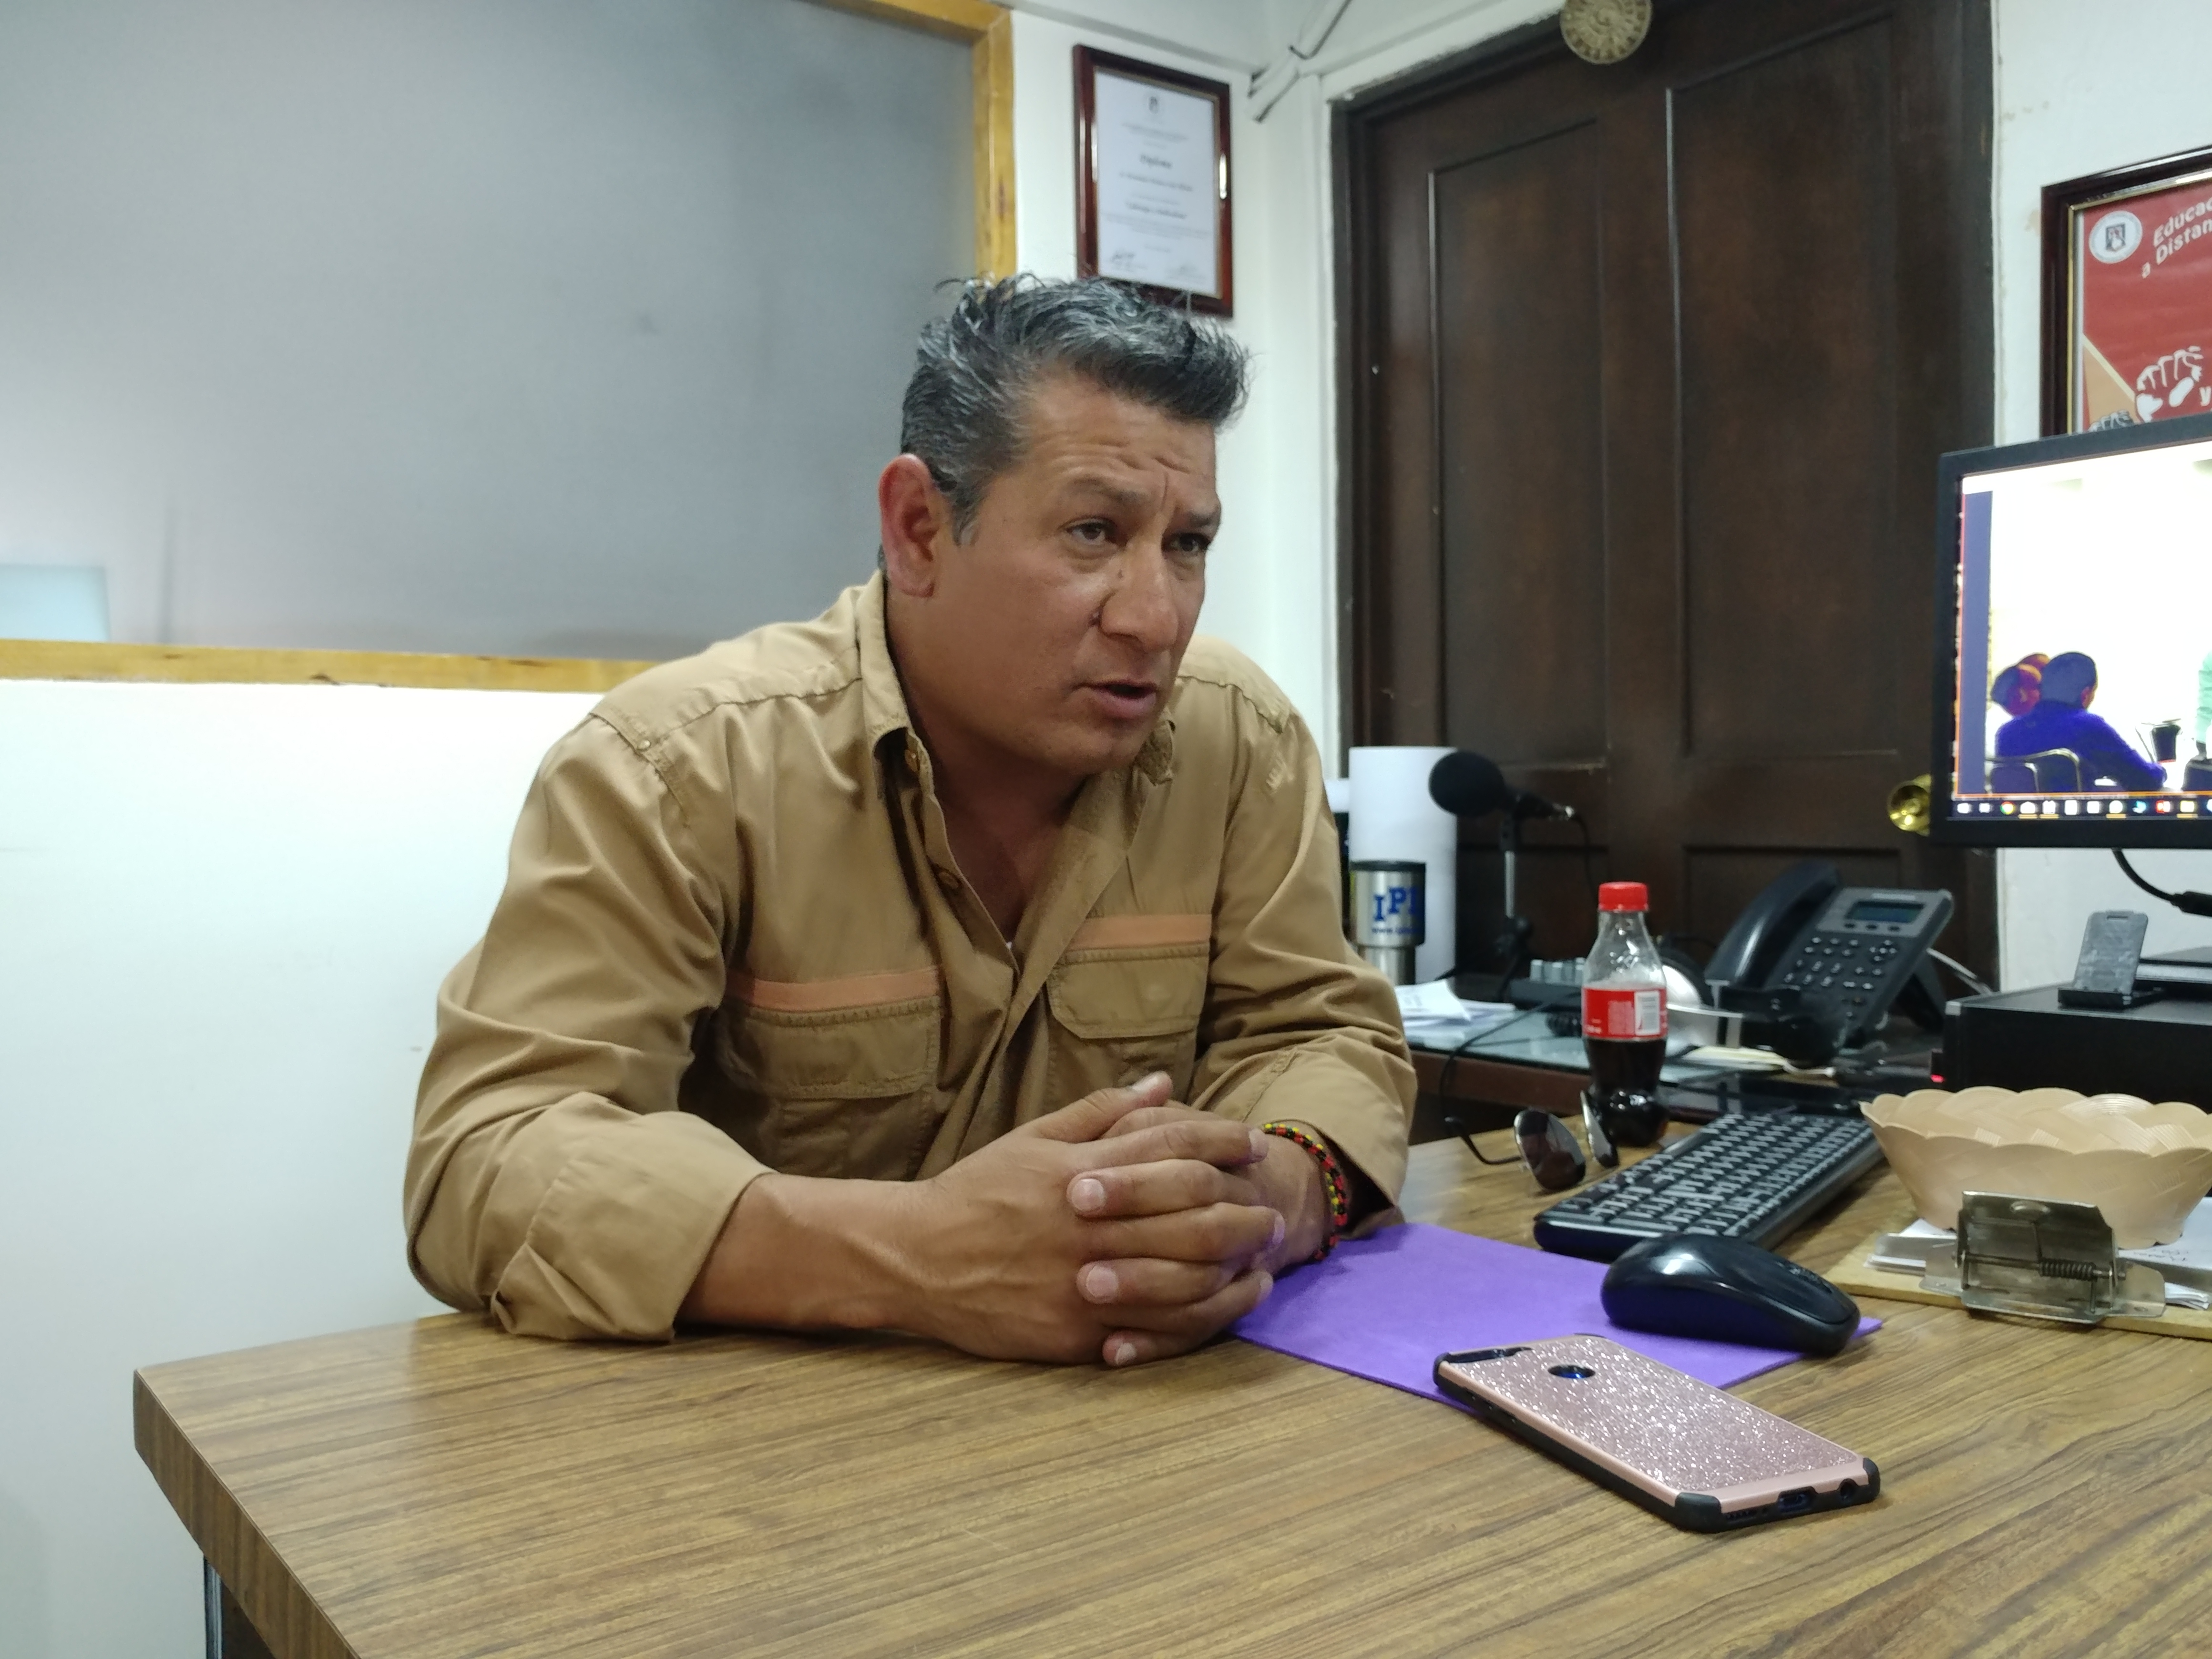 Morales Quintana